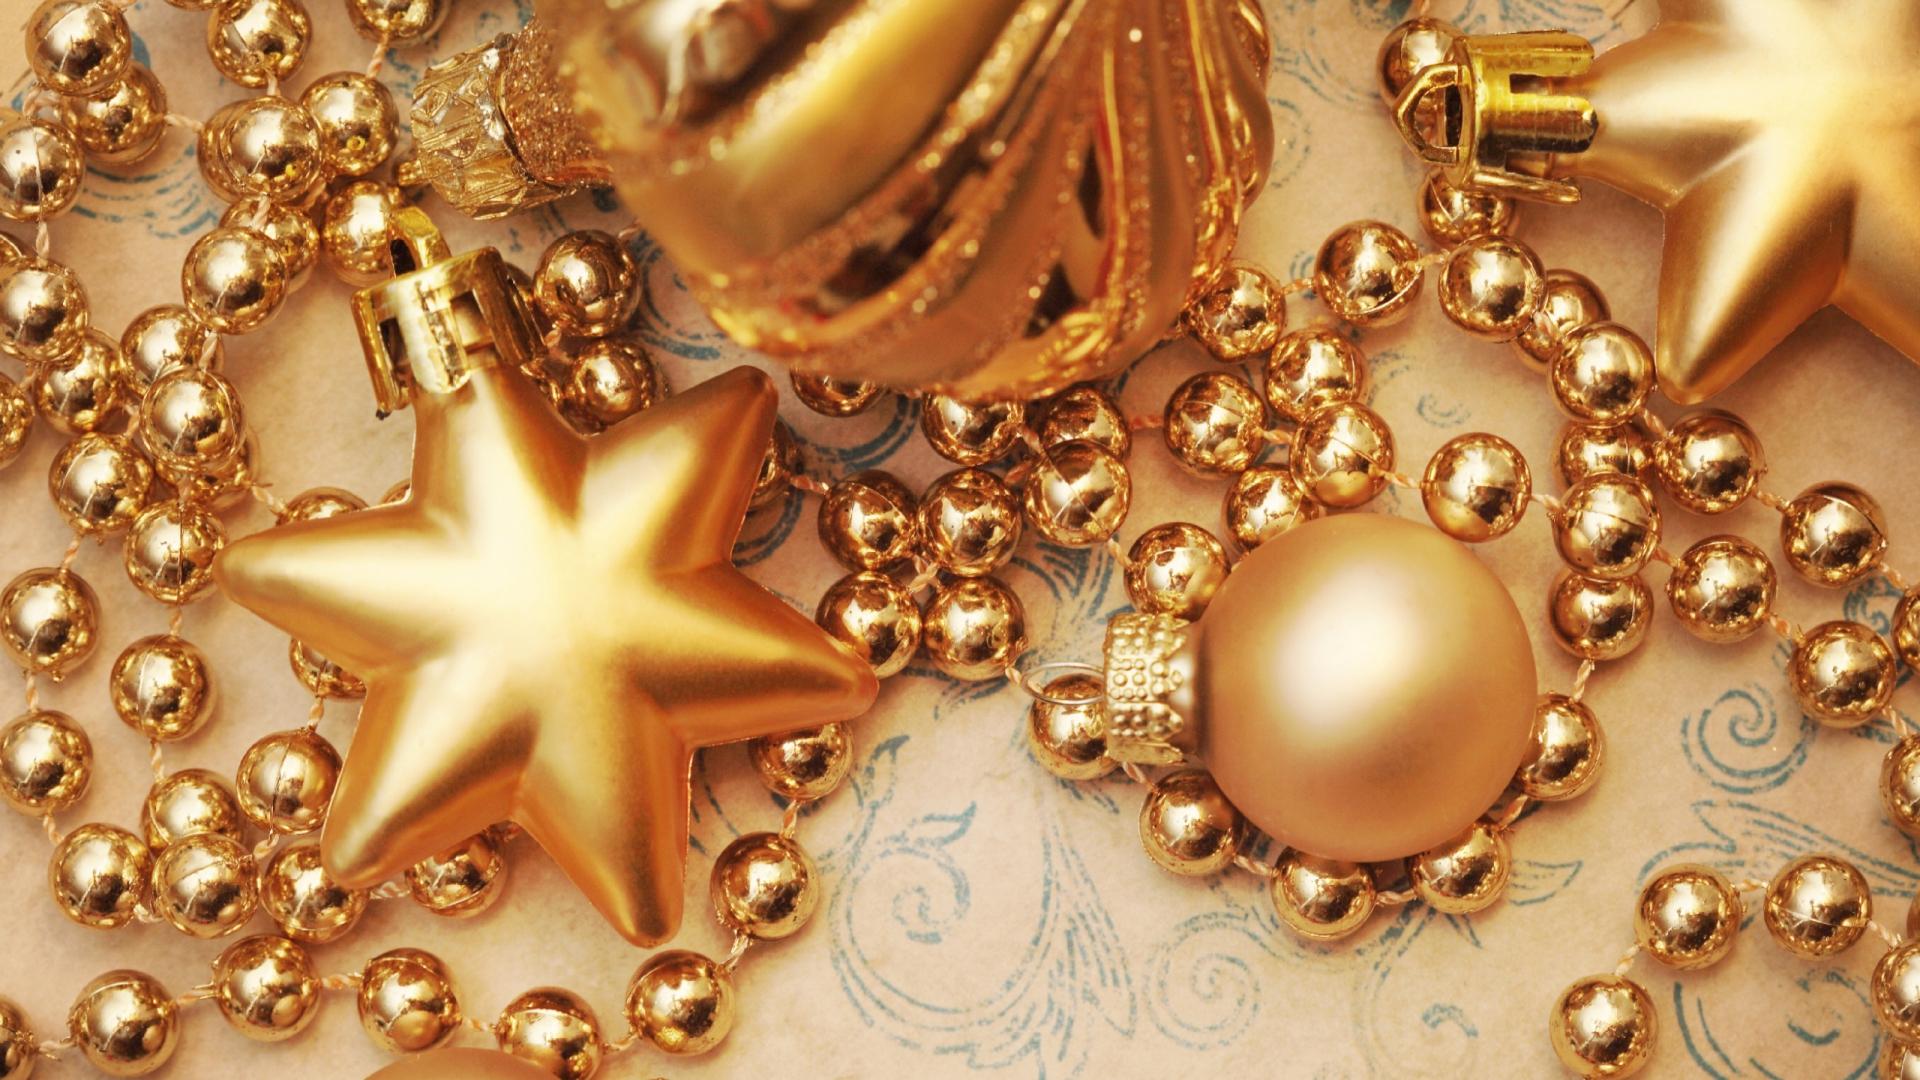 Bộ Sưu Tập Ảnh Giáng Sinh - Page 3 Christmasdecorations17